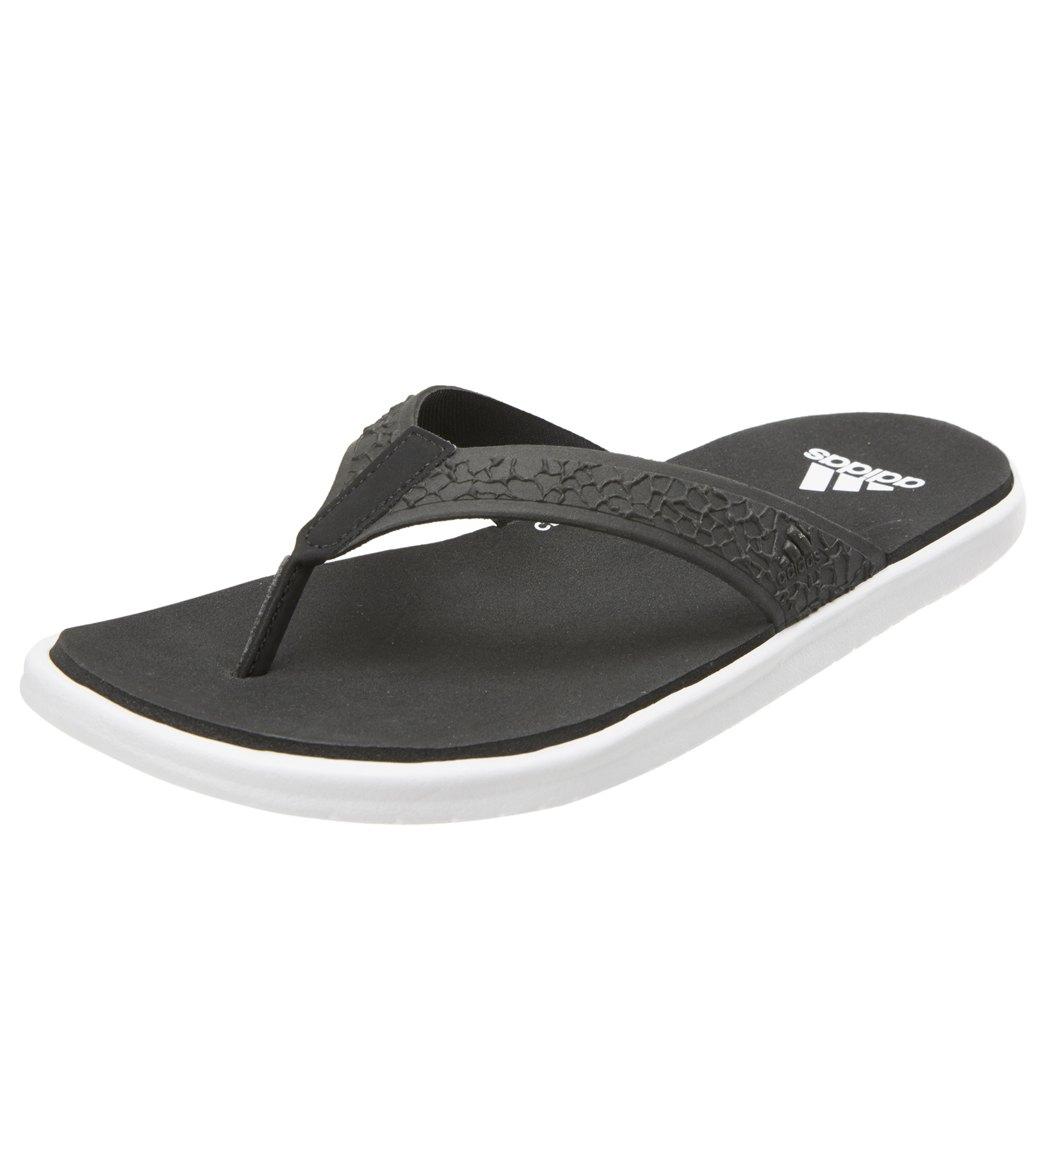 b86213785d5886 Adidas Women s Beachcloud Flip Flop at SwimOutlet.com